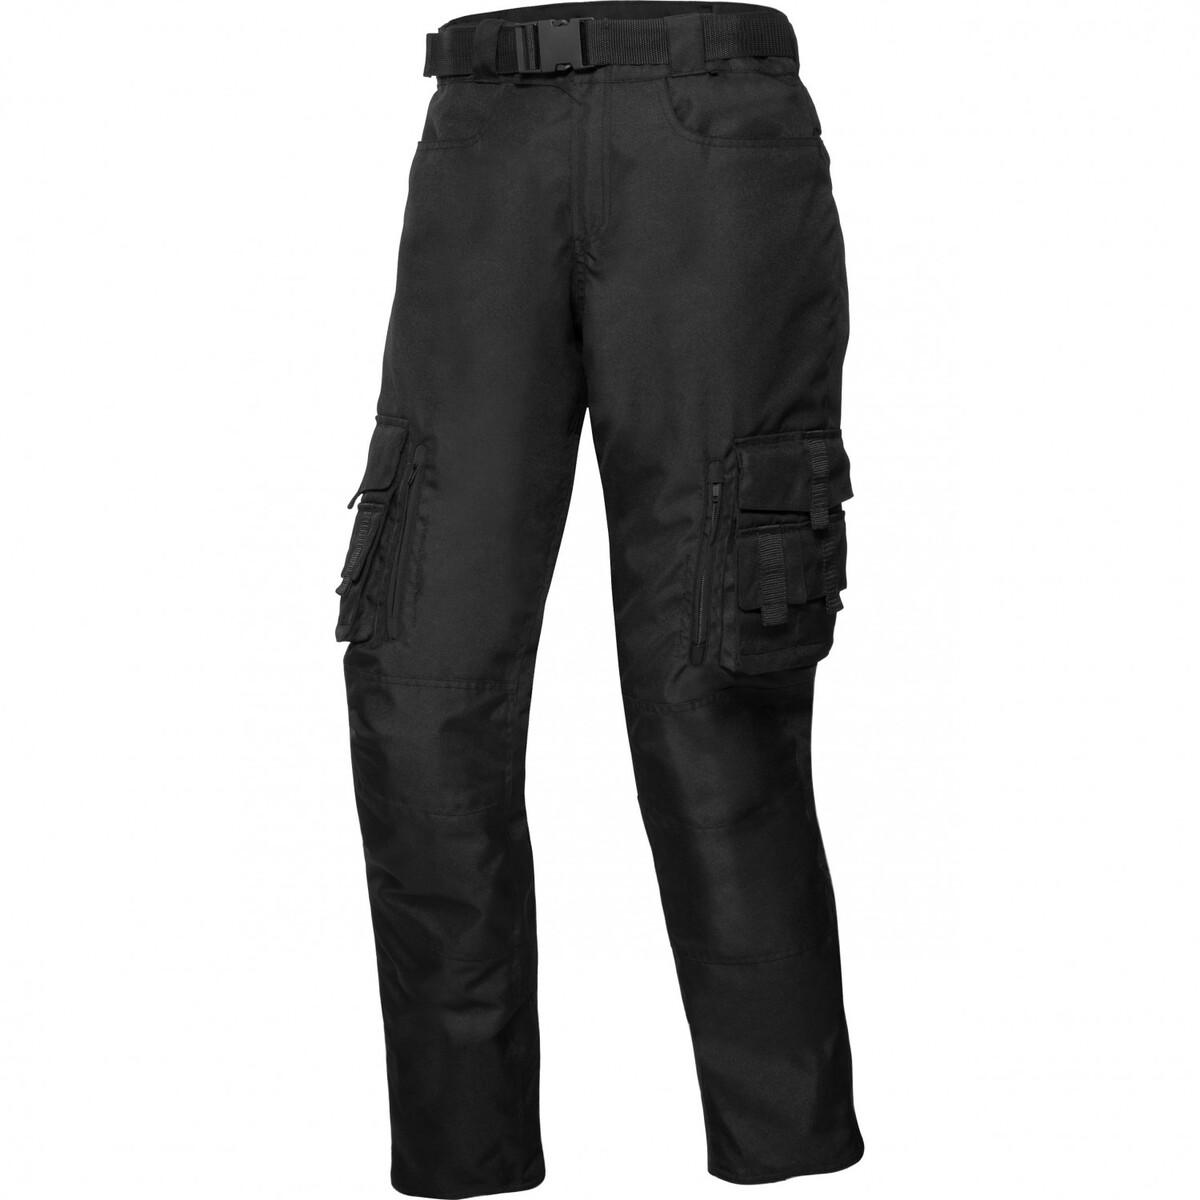 Bild 1 von Spirit Motors Textilhose 1.0 schwarz Herren Größe S